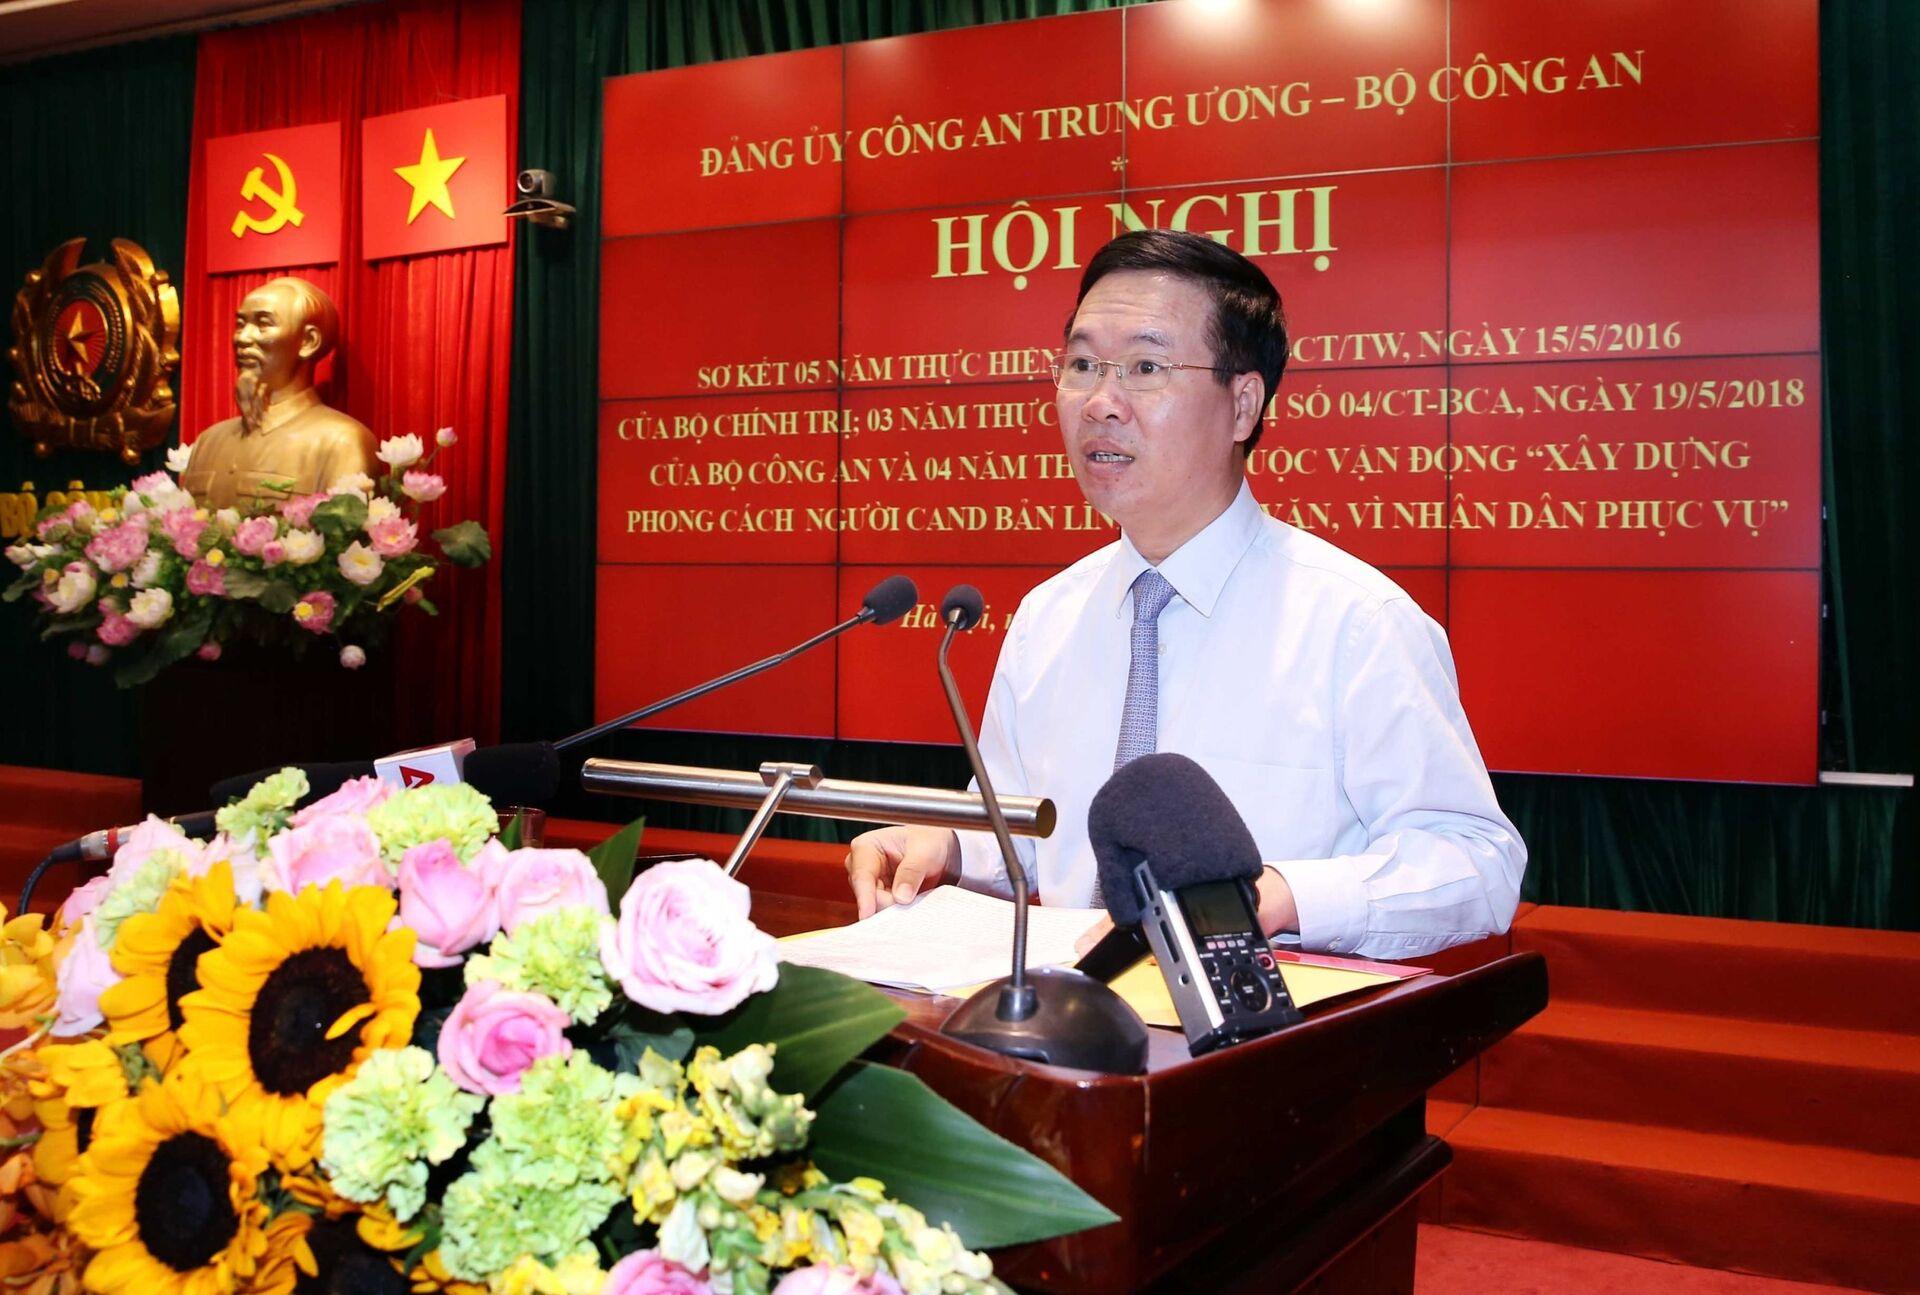 Ông Võ Văn Thưởng hứa 'chống tham nhũng không vùng cấm' khi tranh cử vào Quốc hội Việt Nam - Sputnik Việt Nam, 1920, 17.05.2021